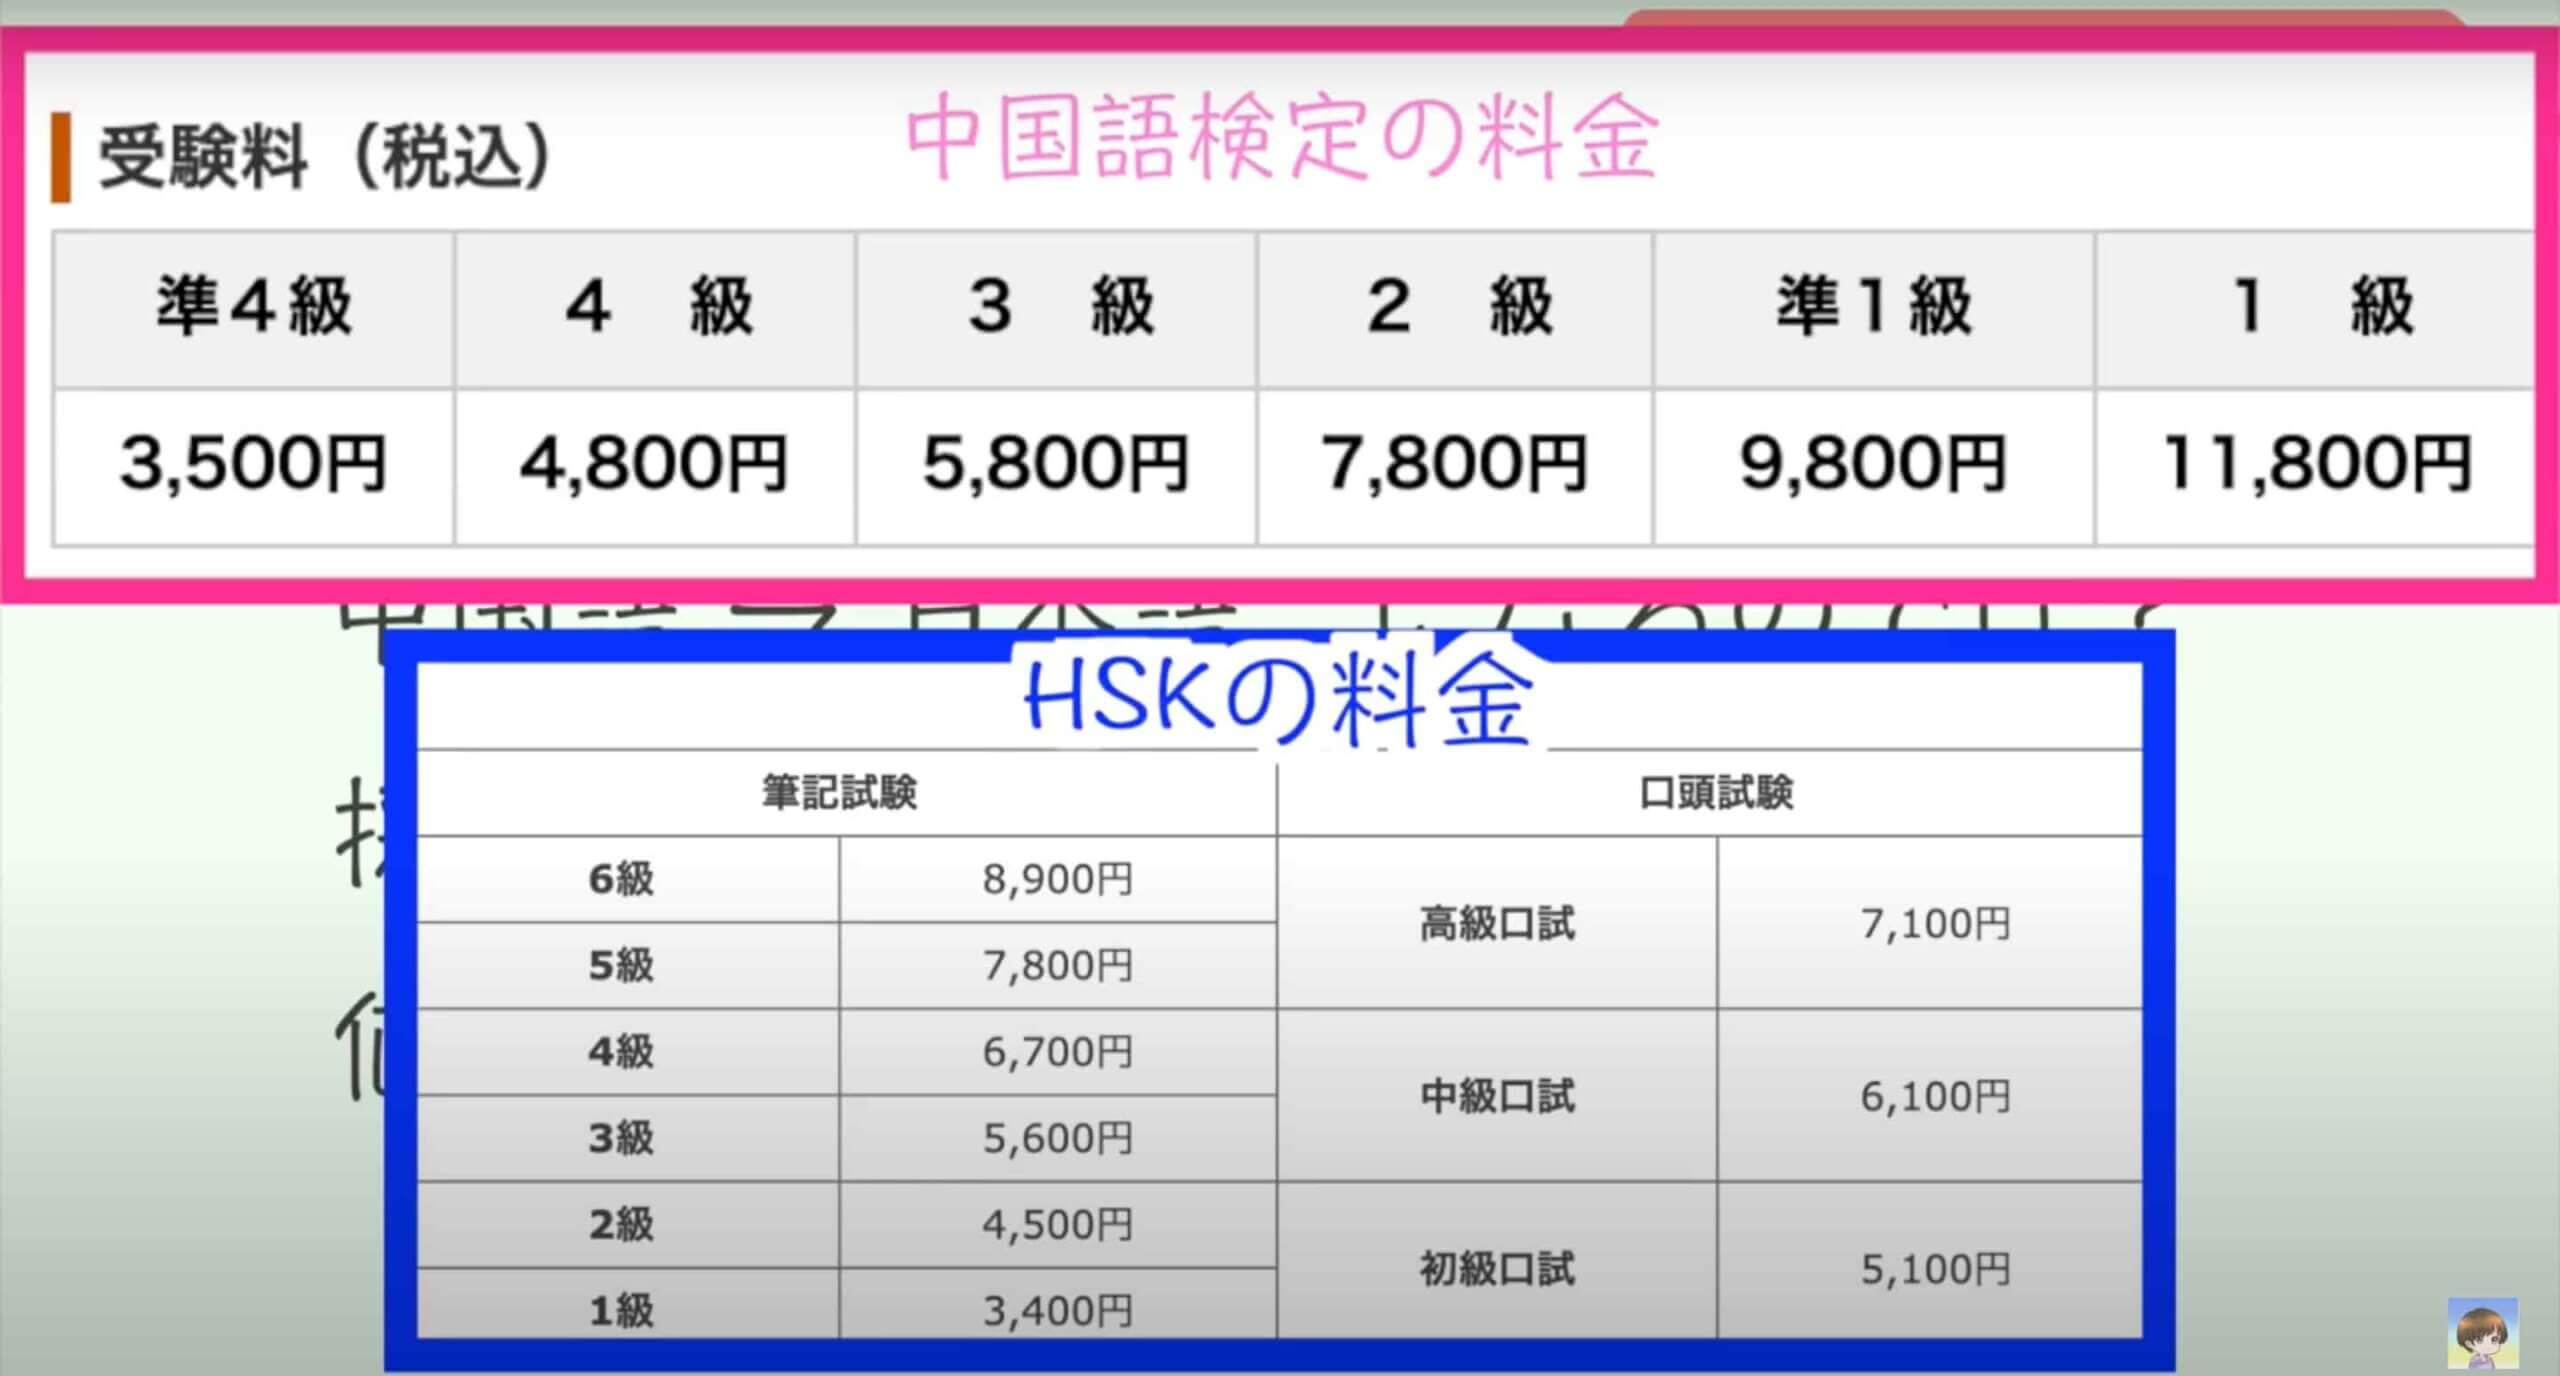 HSKと中国語検定の料金比較